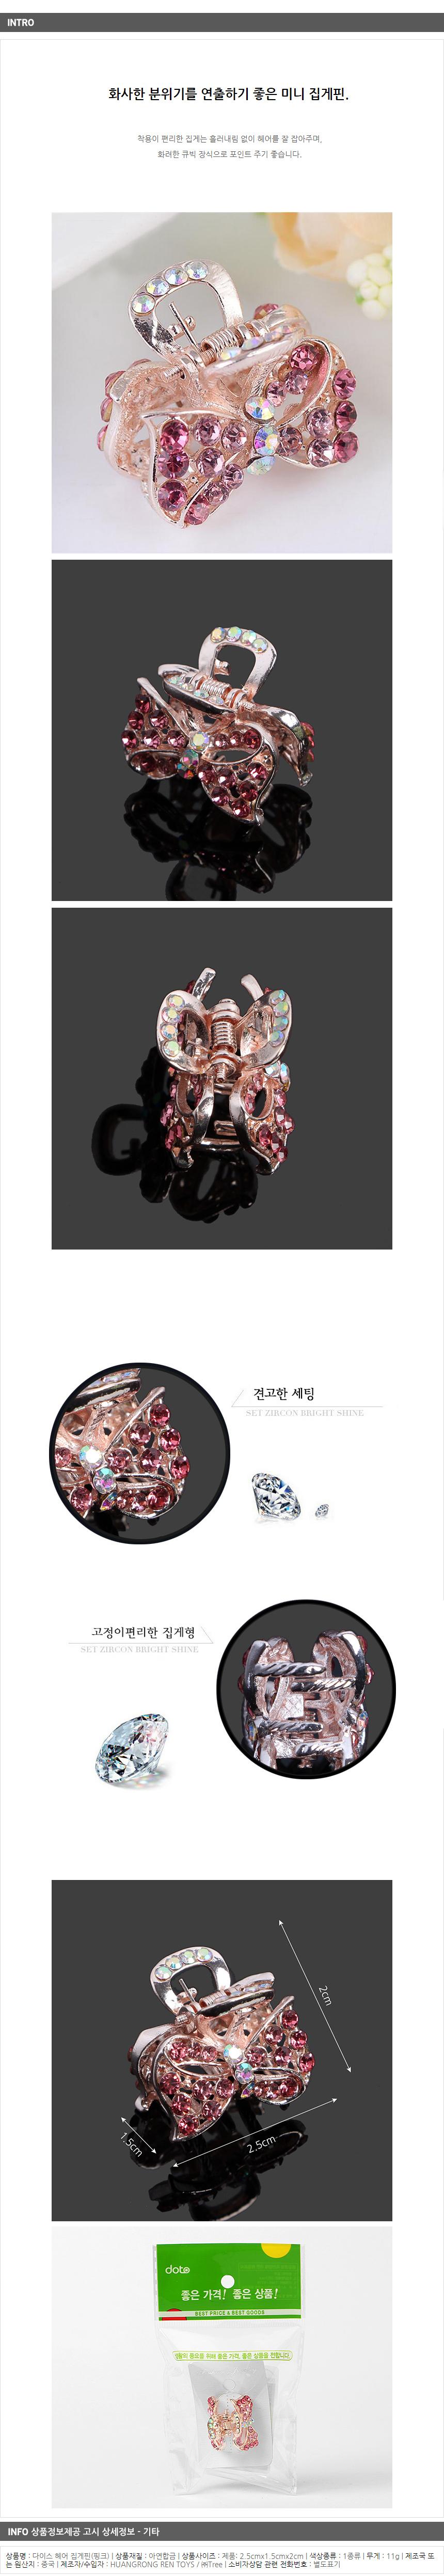 블랑크 핑크 리본 집게핀 미니 헤어 액세서리 - 기프트갓, 1,680원, 헤어핀/밴드/끈, 헤어핀/끈